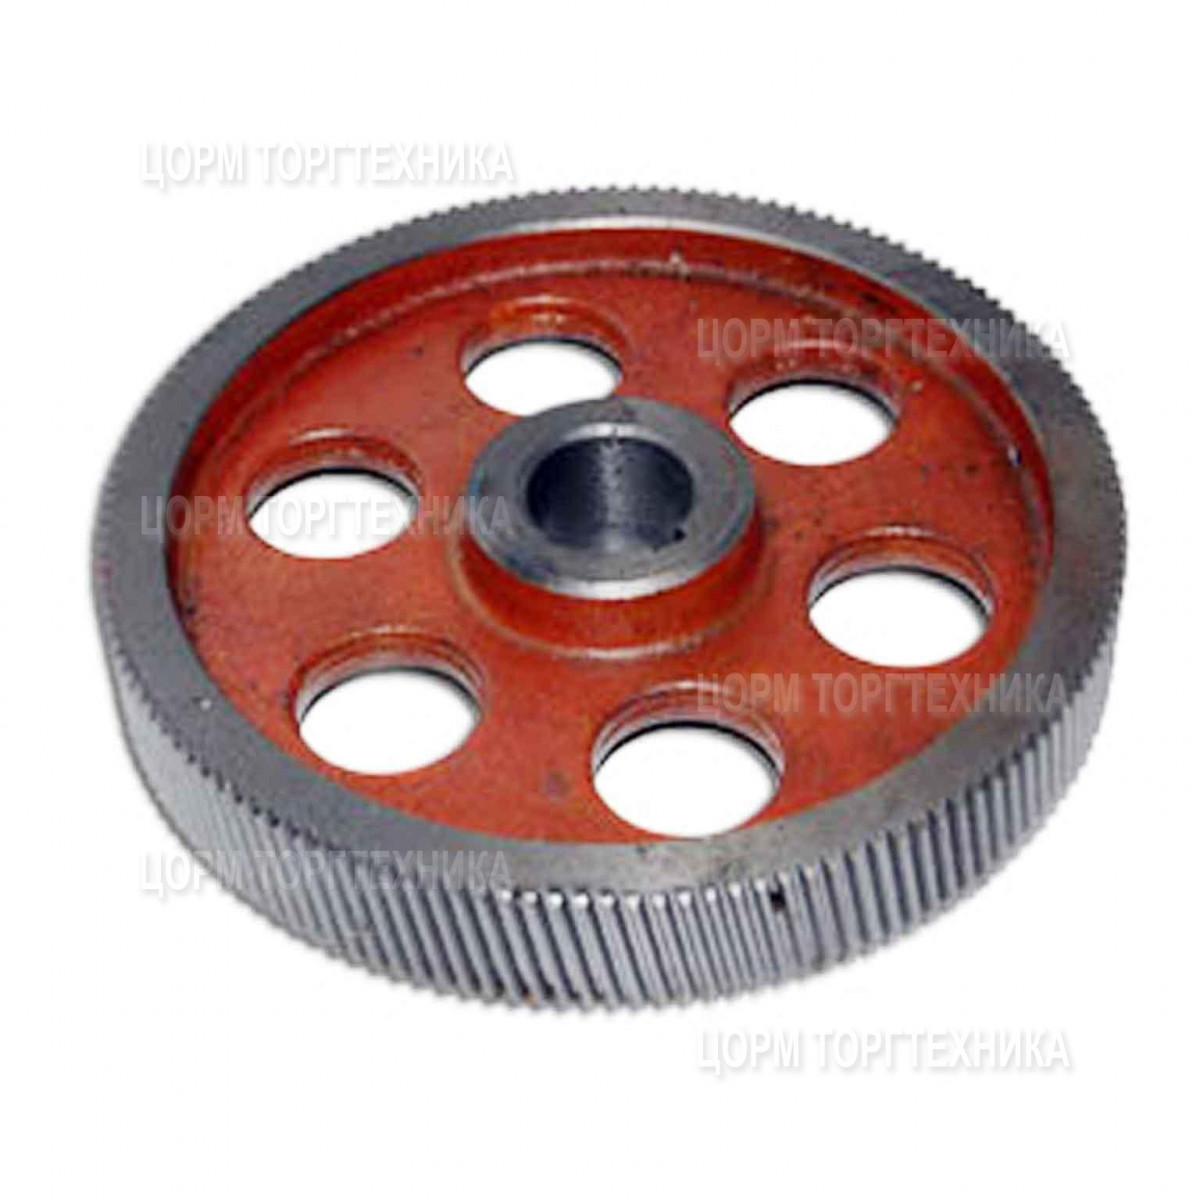 Колесо зубчатое (Шестерня) z-140 02.004 МИМ-600